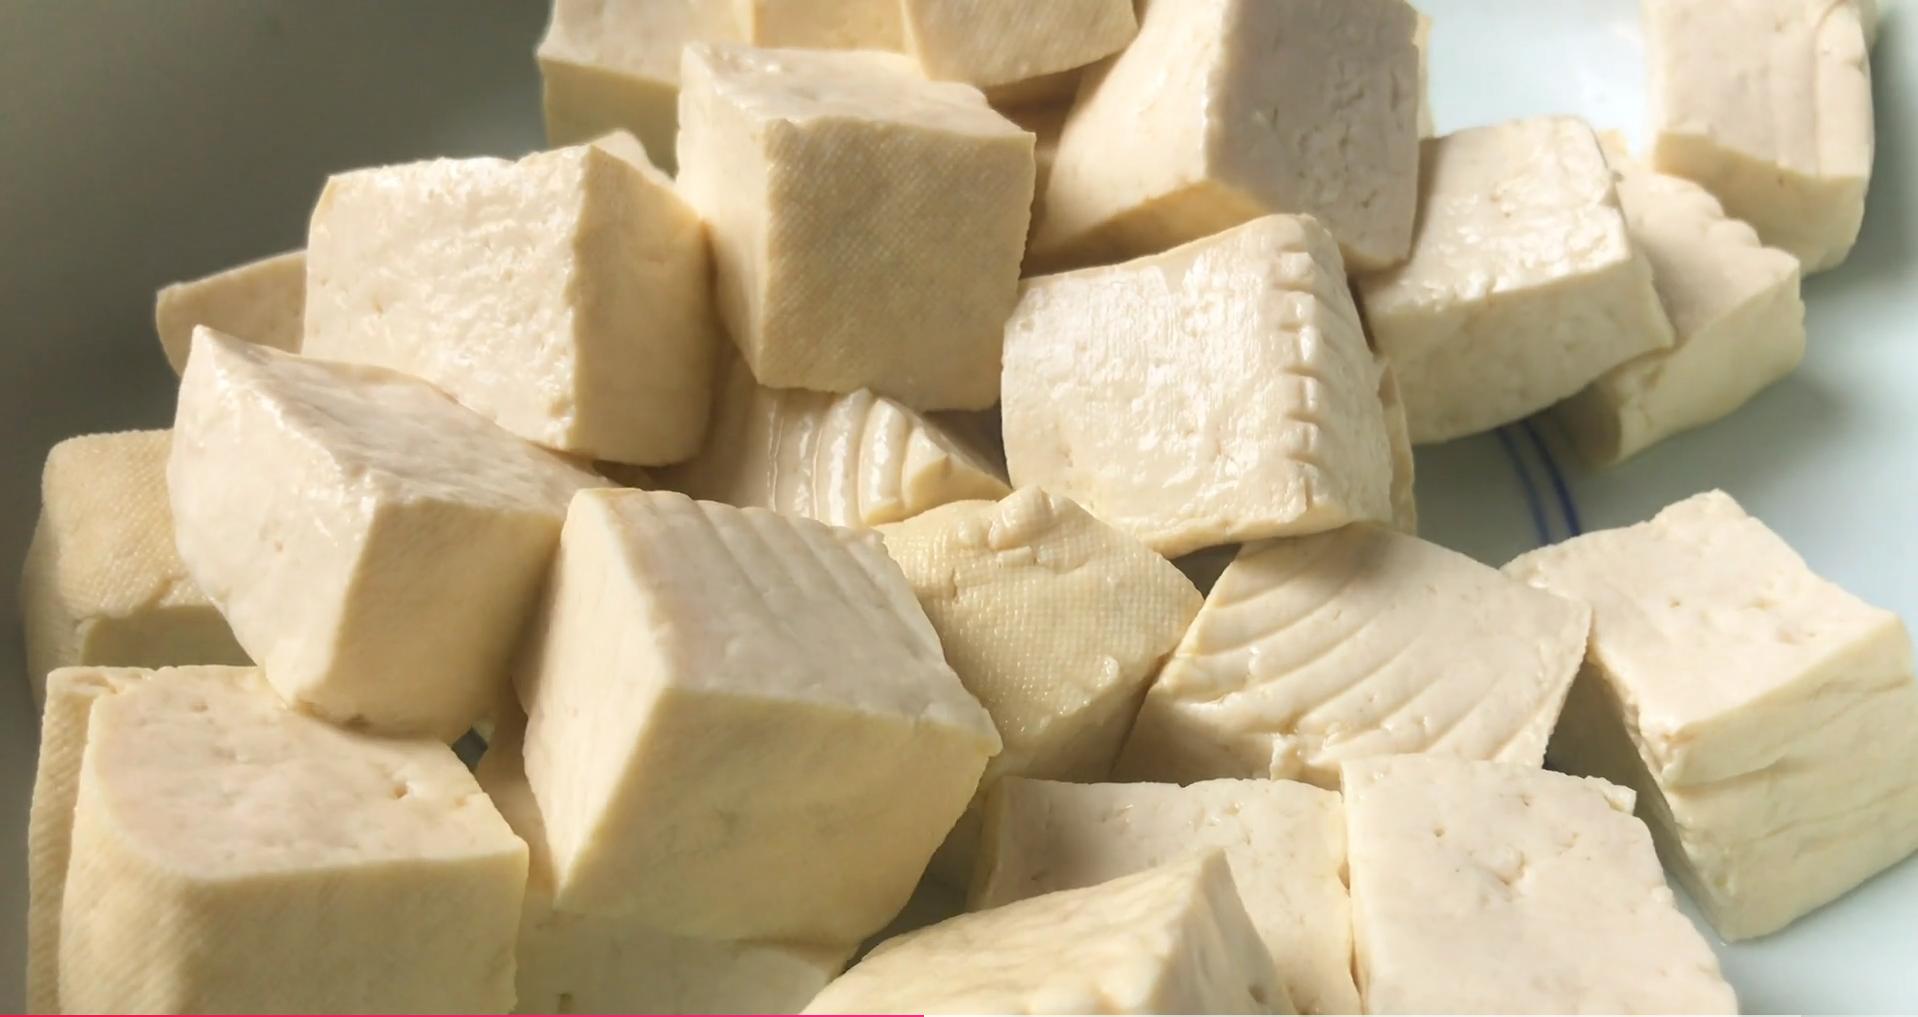 这才是豆腐最好吃的做法,简单易做,比麻婆豆腐好吃,上桌就光盘 美食做法 第8张